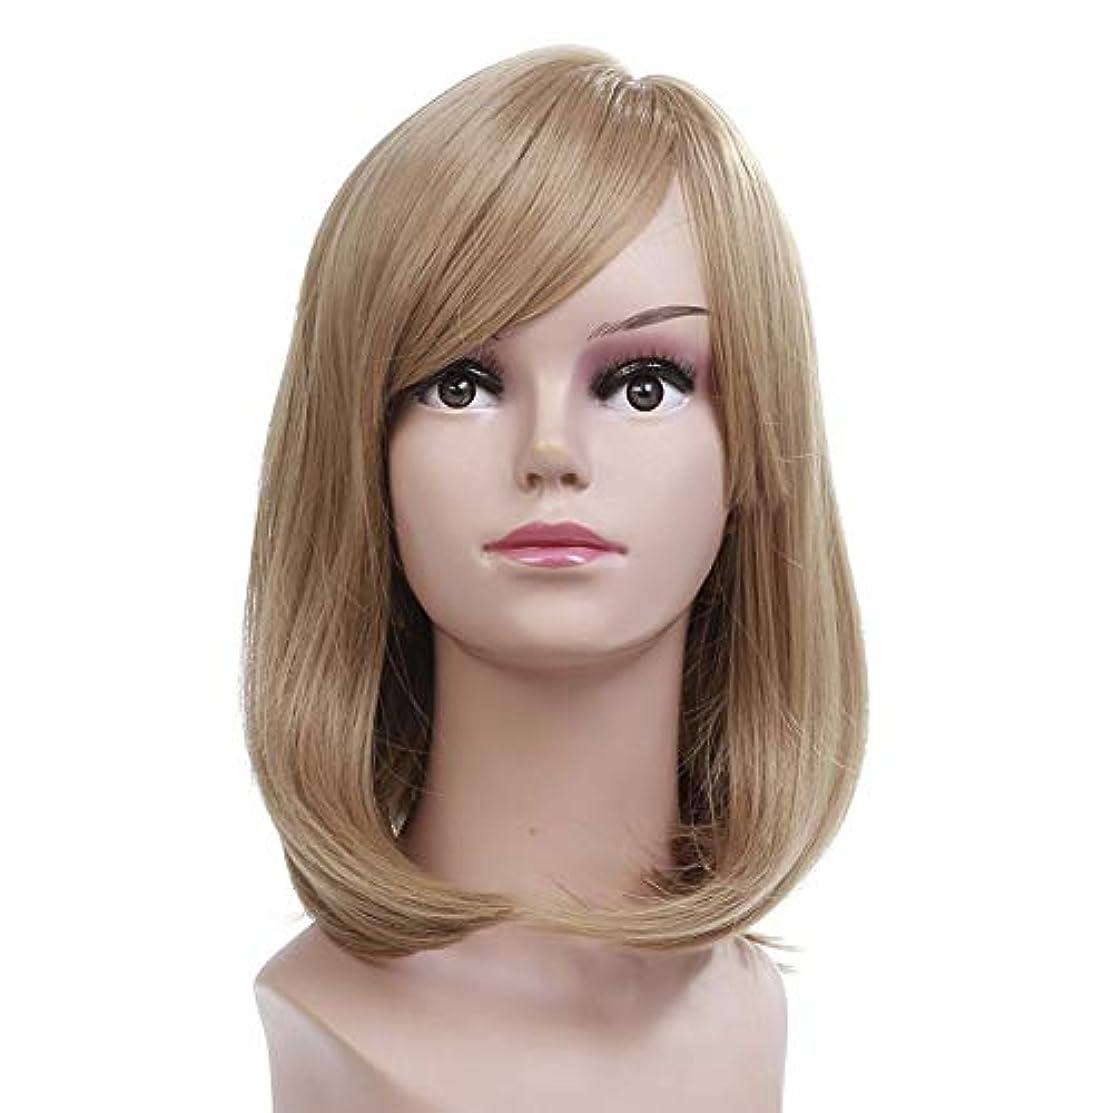 感情奇妙な衣類WASAIO ブロンドのかつら肩の長さストレートヘア (色 : Blonde)